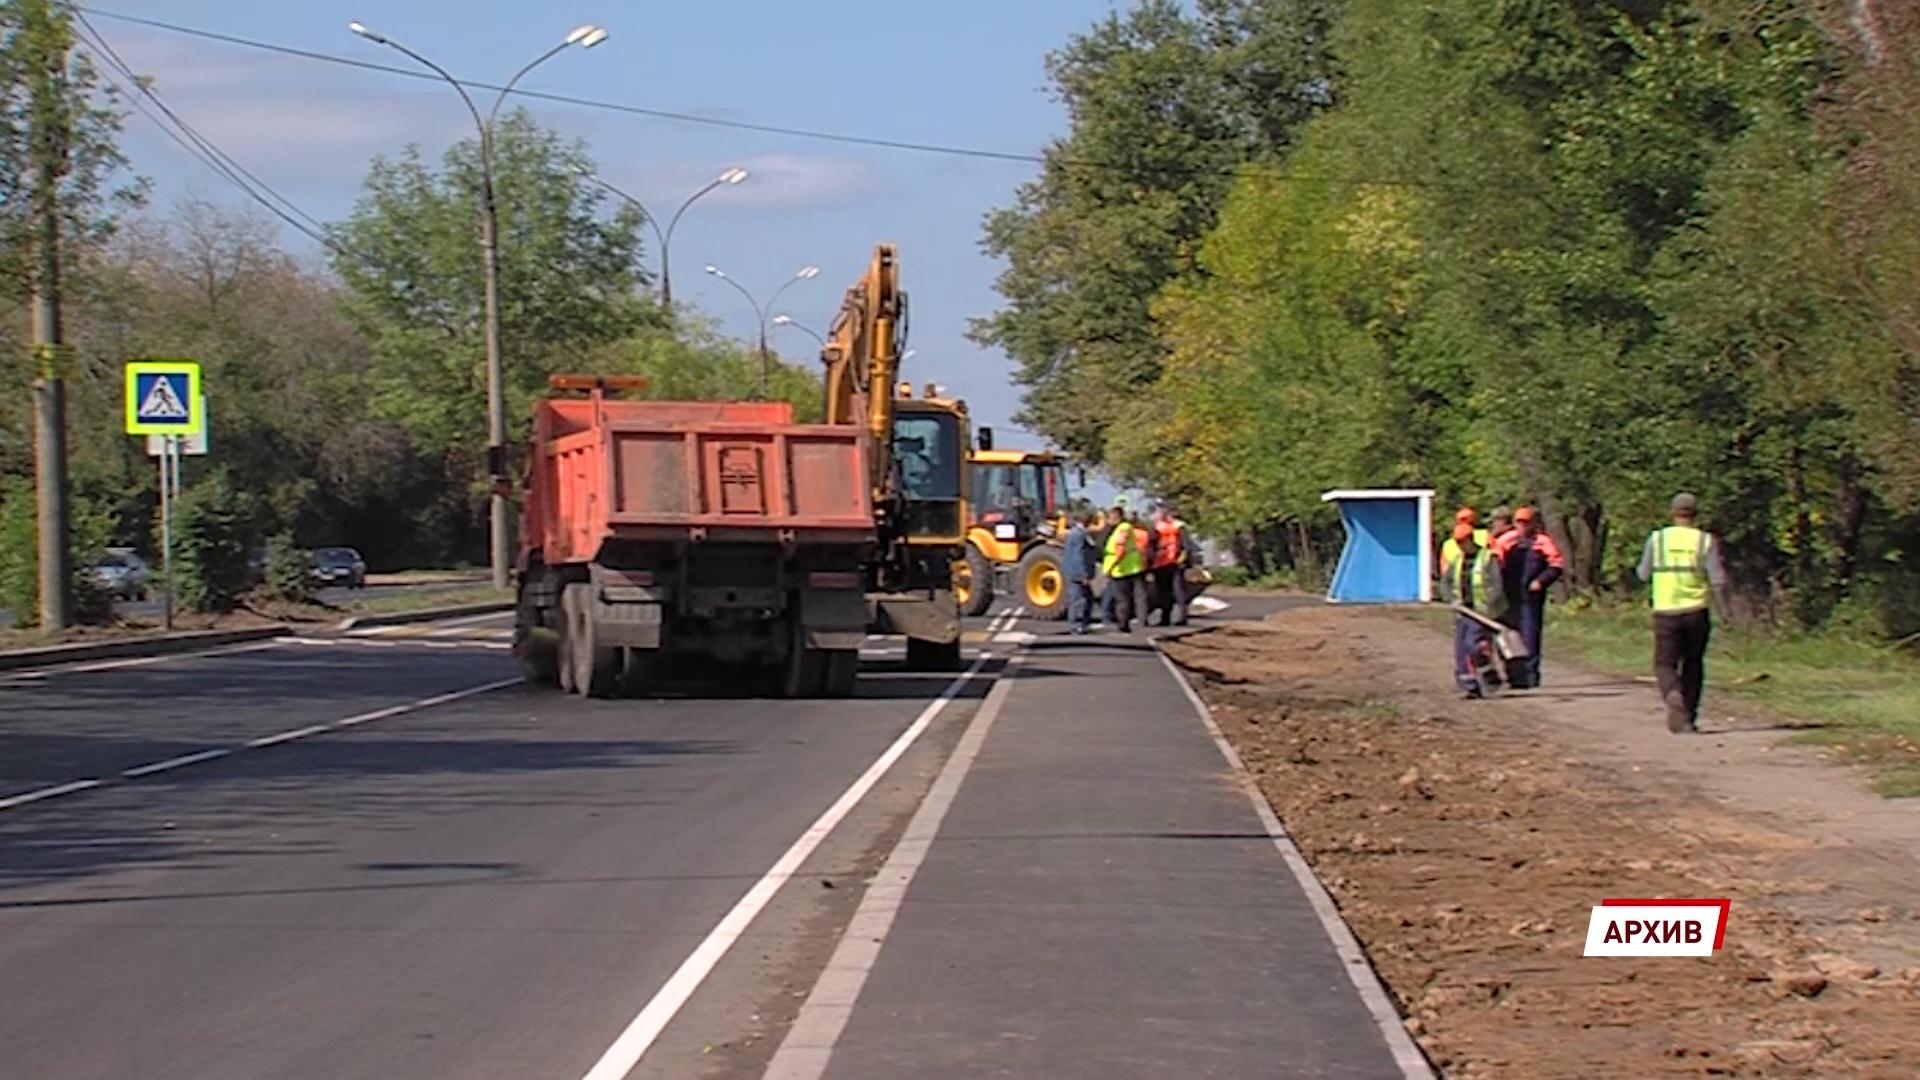 Дмитрий Миронов: «Мы сформировали заявку на ремонт более 1100 погонных метров мостов»